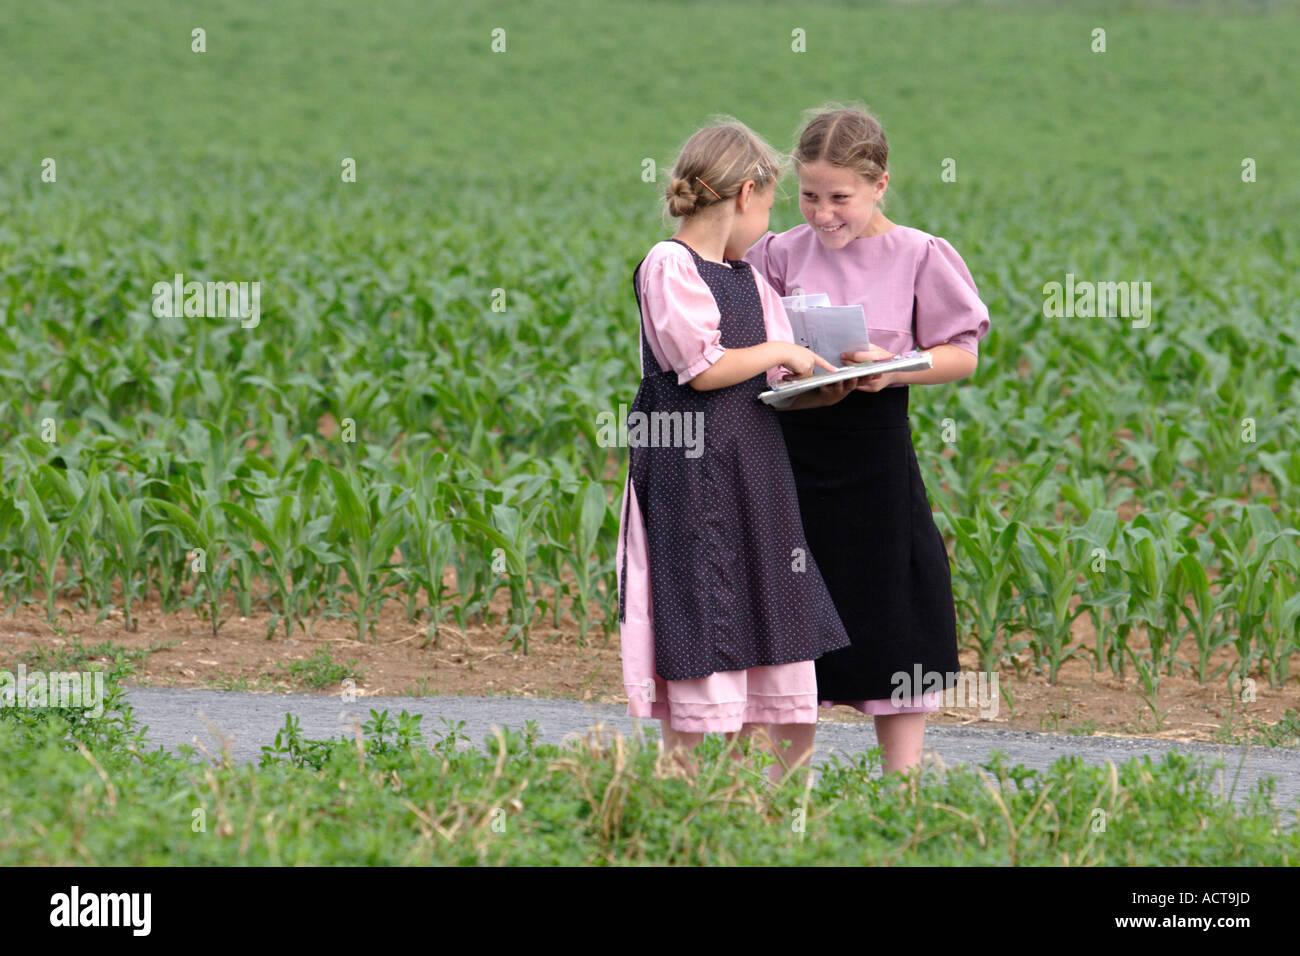 Amish girls dating